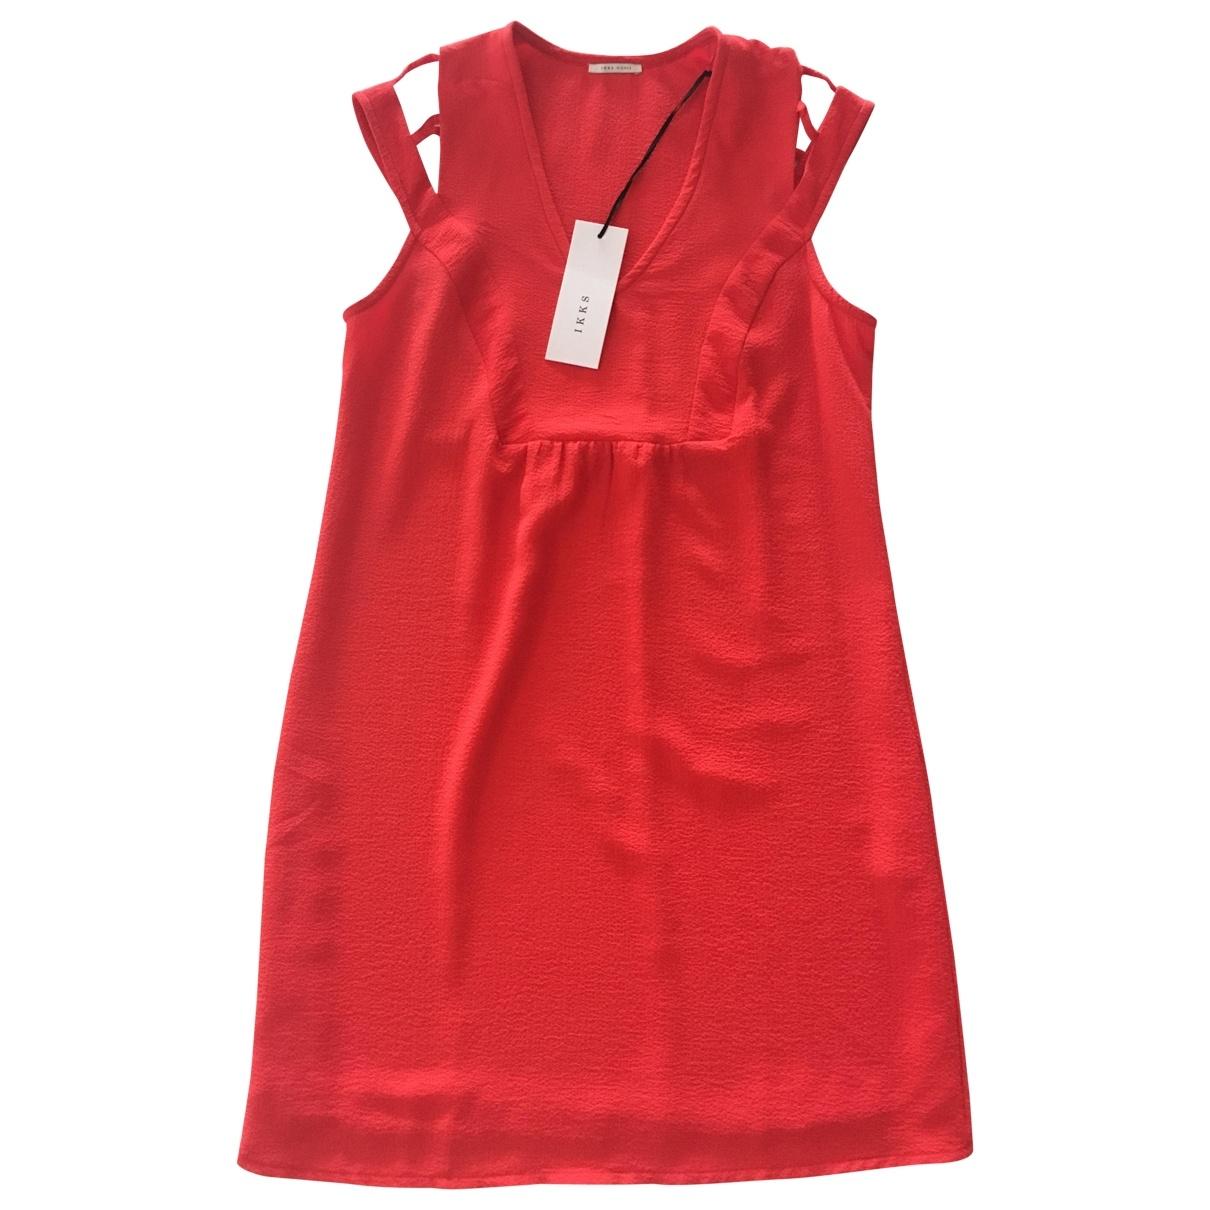 Ikks \N Red dress for Women 38 FR